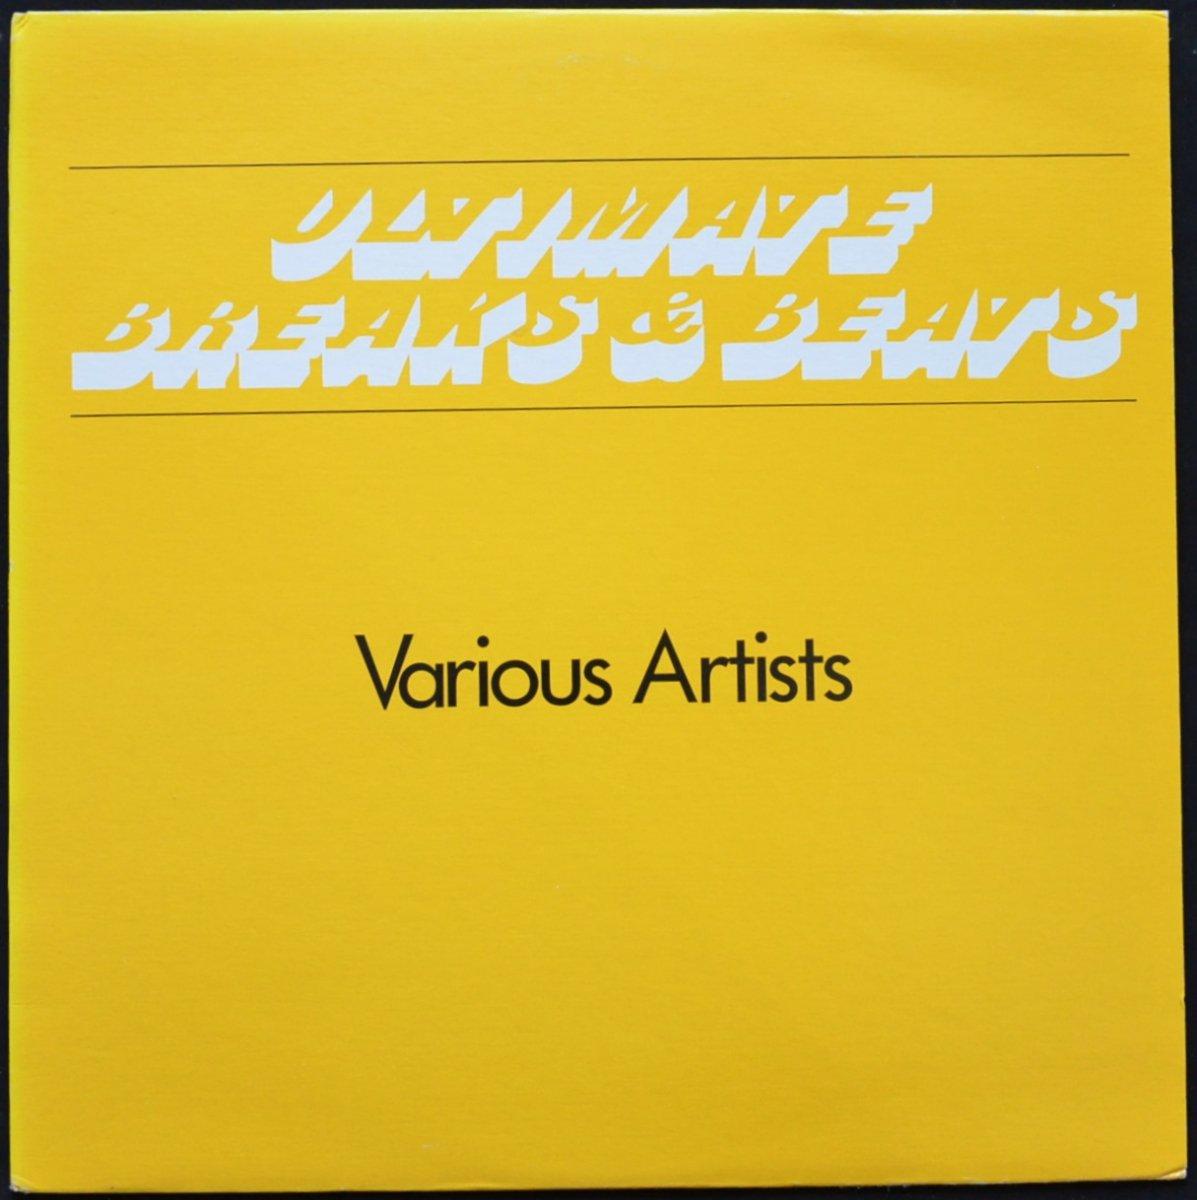 V.A.(WILSON PICKETT,JUICE,THE ROLLING STONES...) / ULTIMATE BREAKS & BEATS - 502 (LP)